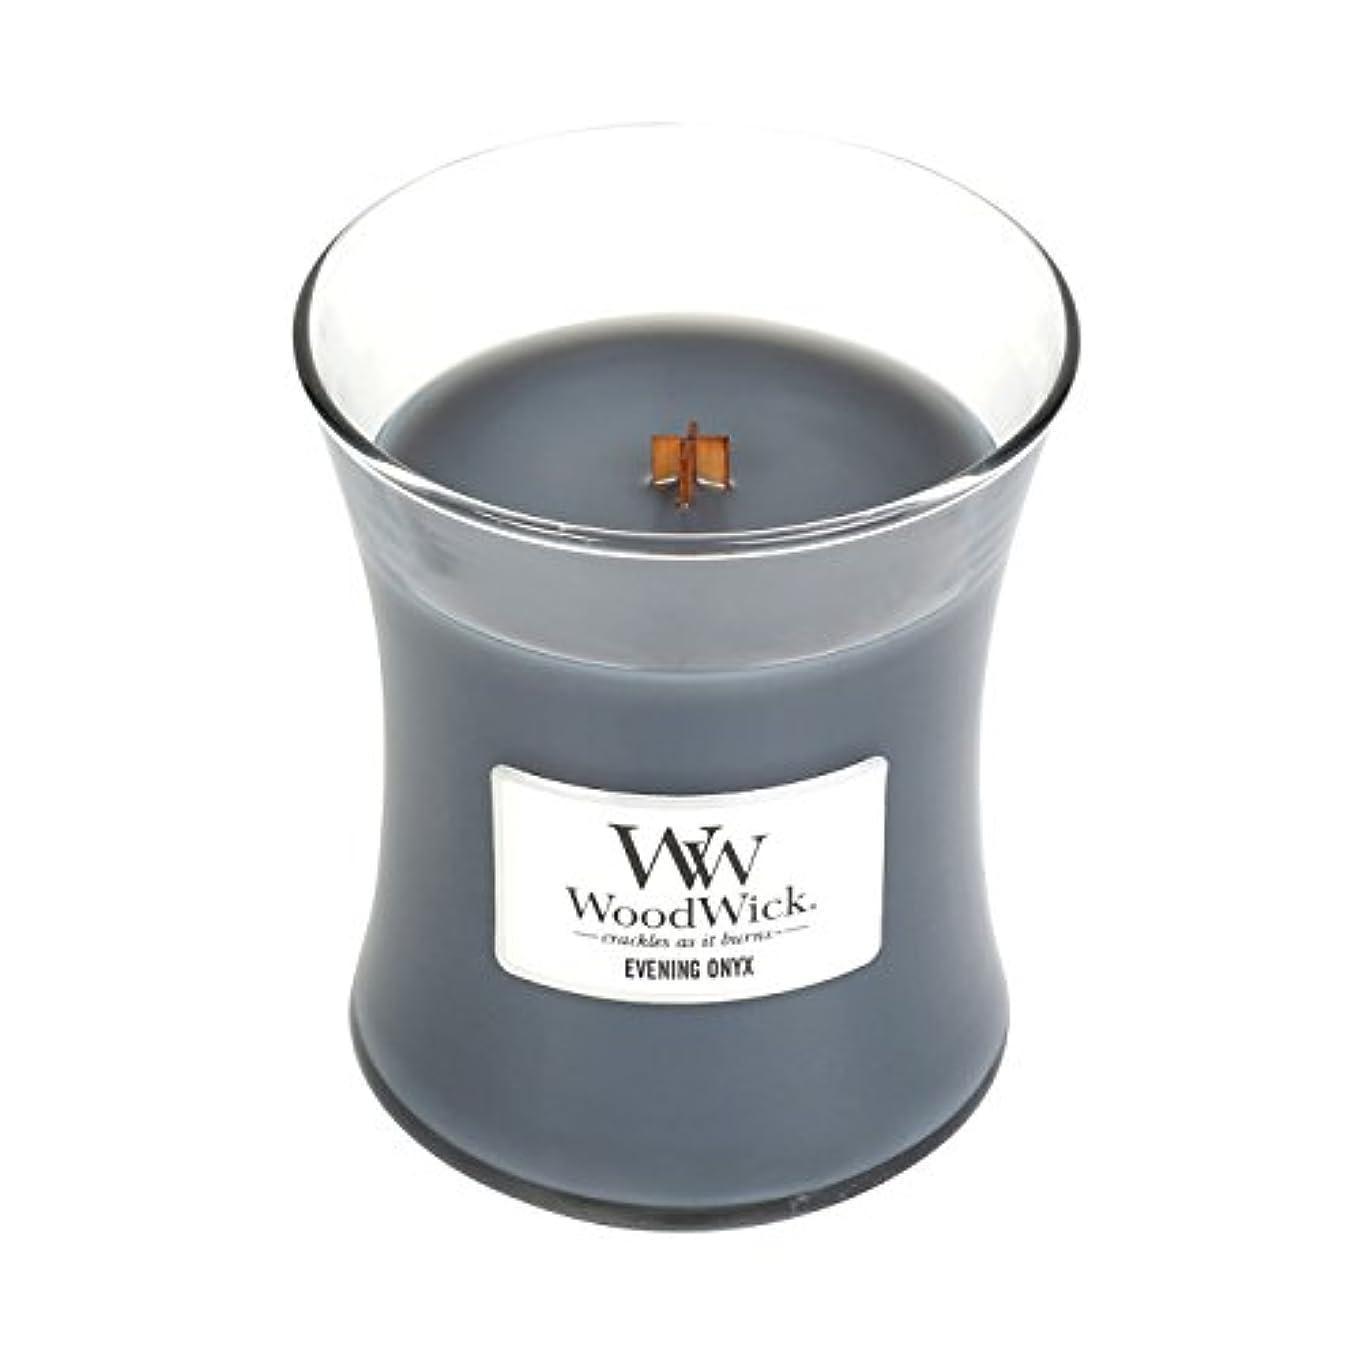 ナインへオフェンス軽減する(Medium, Evening Onyx) - WoodWick Medium Hourglass Scented Candle, Evening Onyx